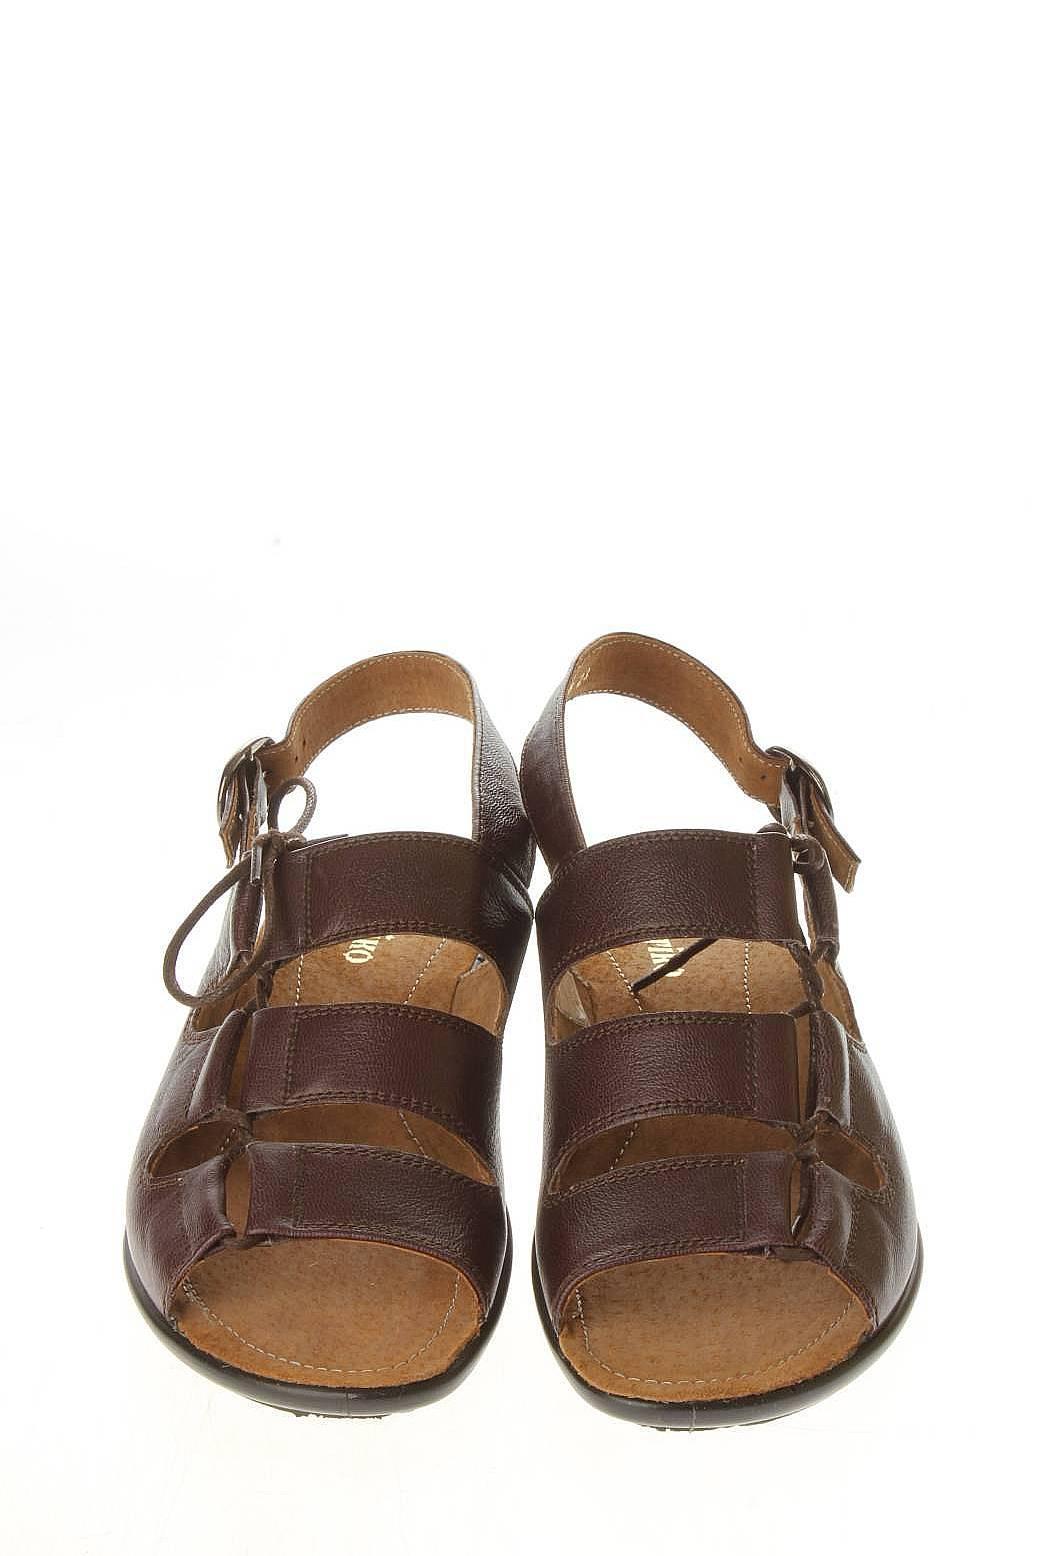 Мужская Обувь Детская Обувь Женская Обувь Туфли Открытые: Otiko Обувь